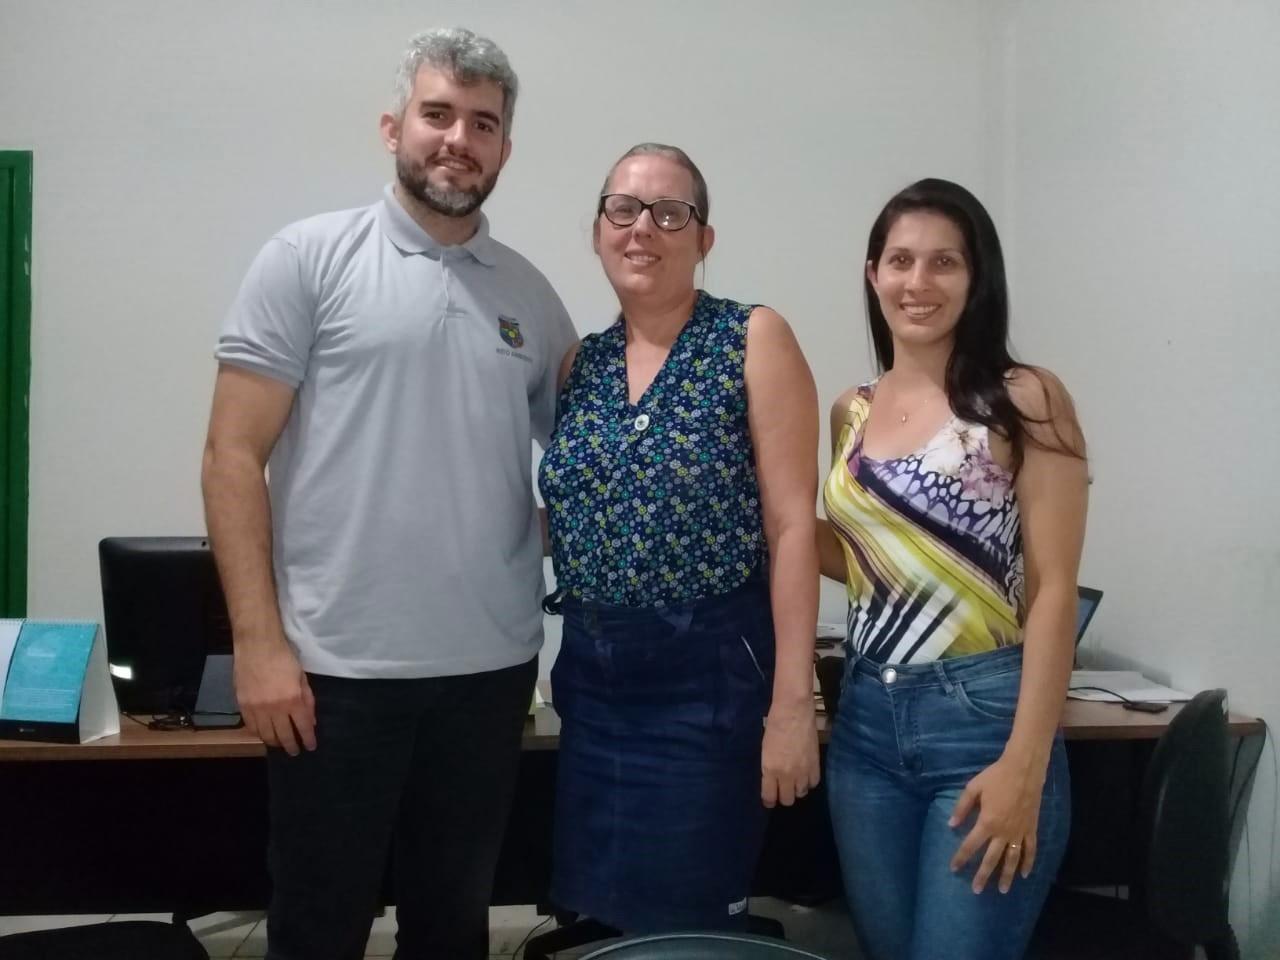 Procon Tocantins e município de Porto Nacional firmam parceria para implementar o desenvolvimento e consumo sustentável